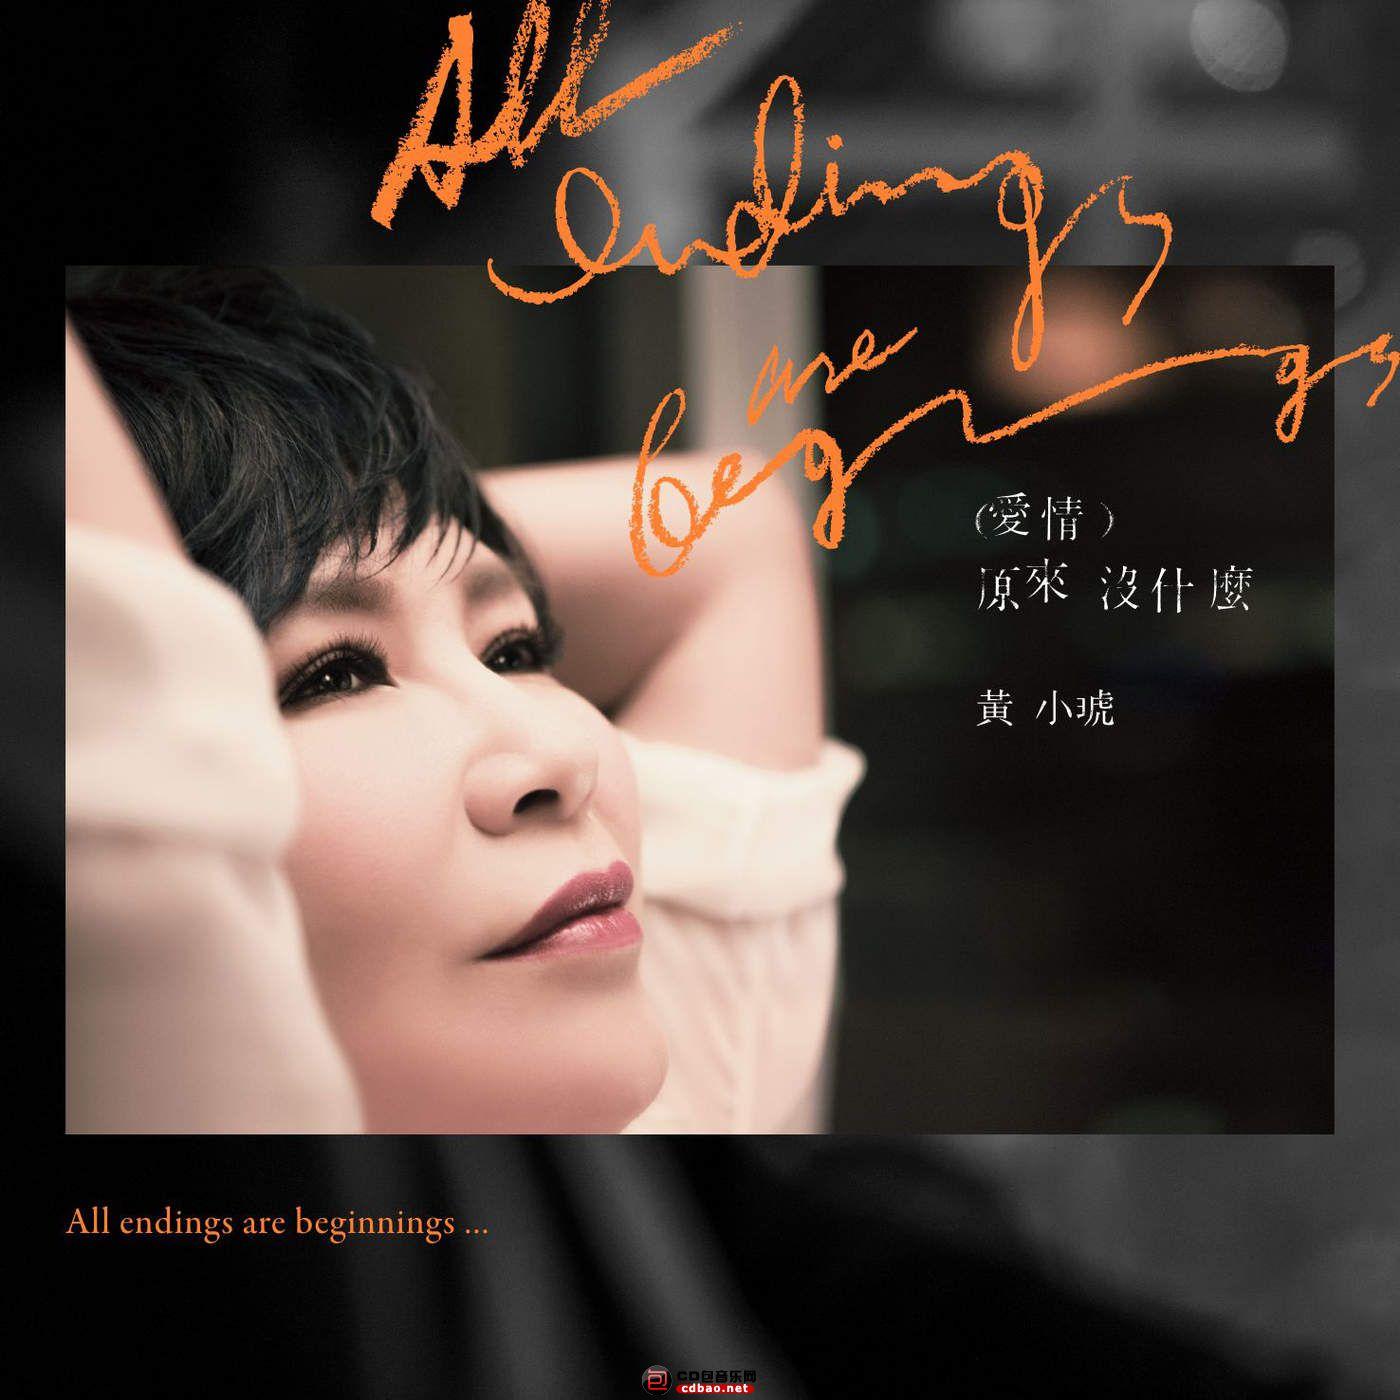 黄小琥专辑《爱情原来没什么》封面.jpg